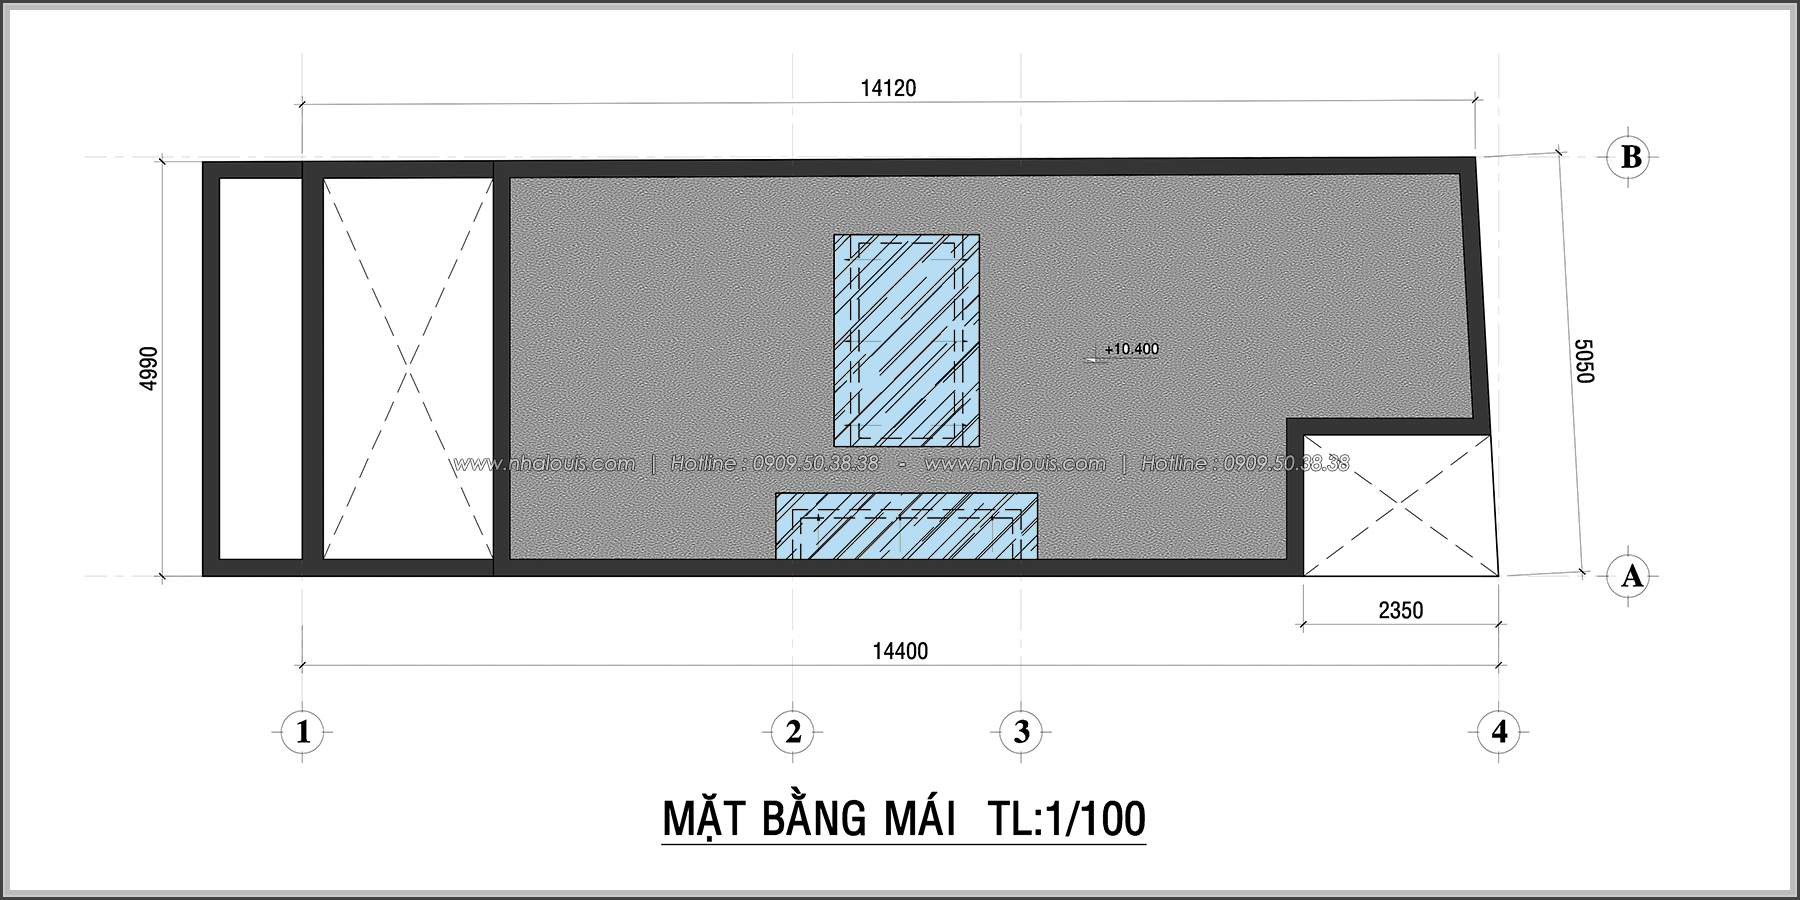 Thiết kế nhà 3 tầng mặt tiền 5m ở Quận 12 đẹp hiện đại và sang trọng - 07